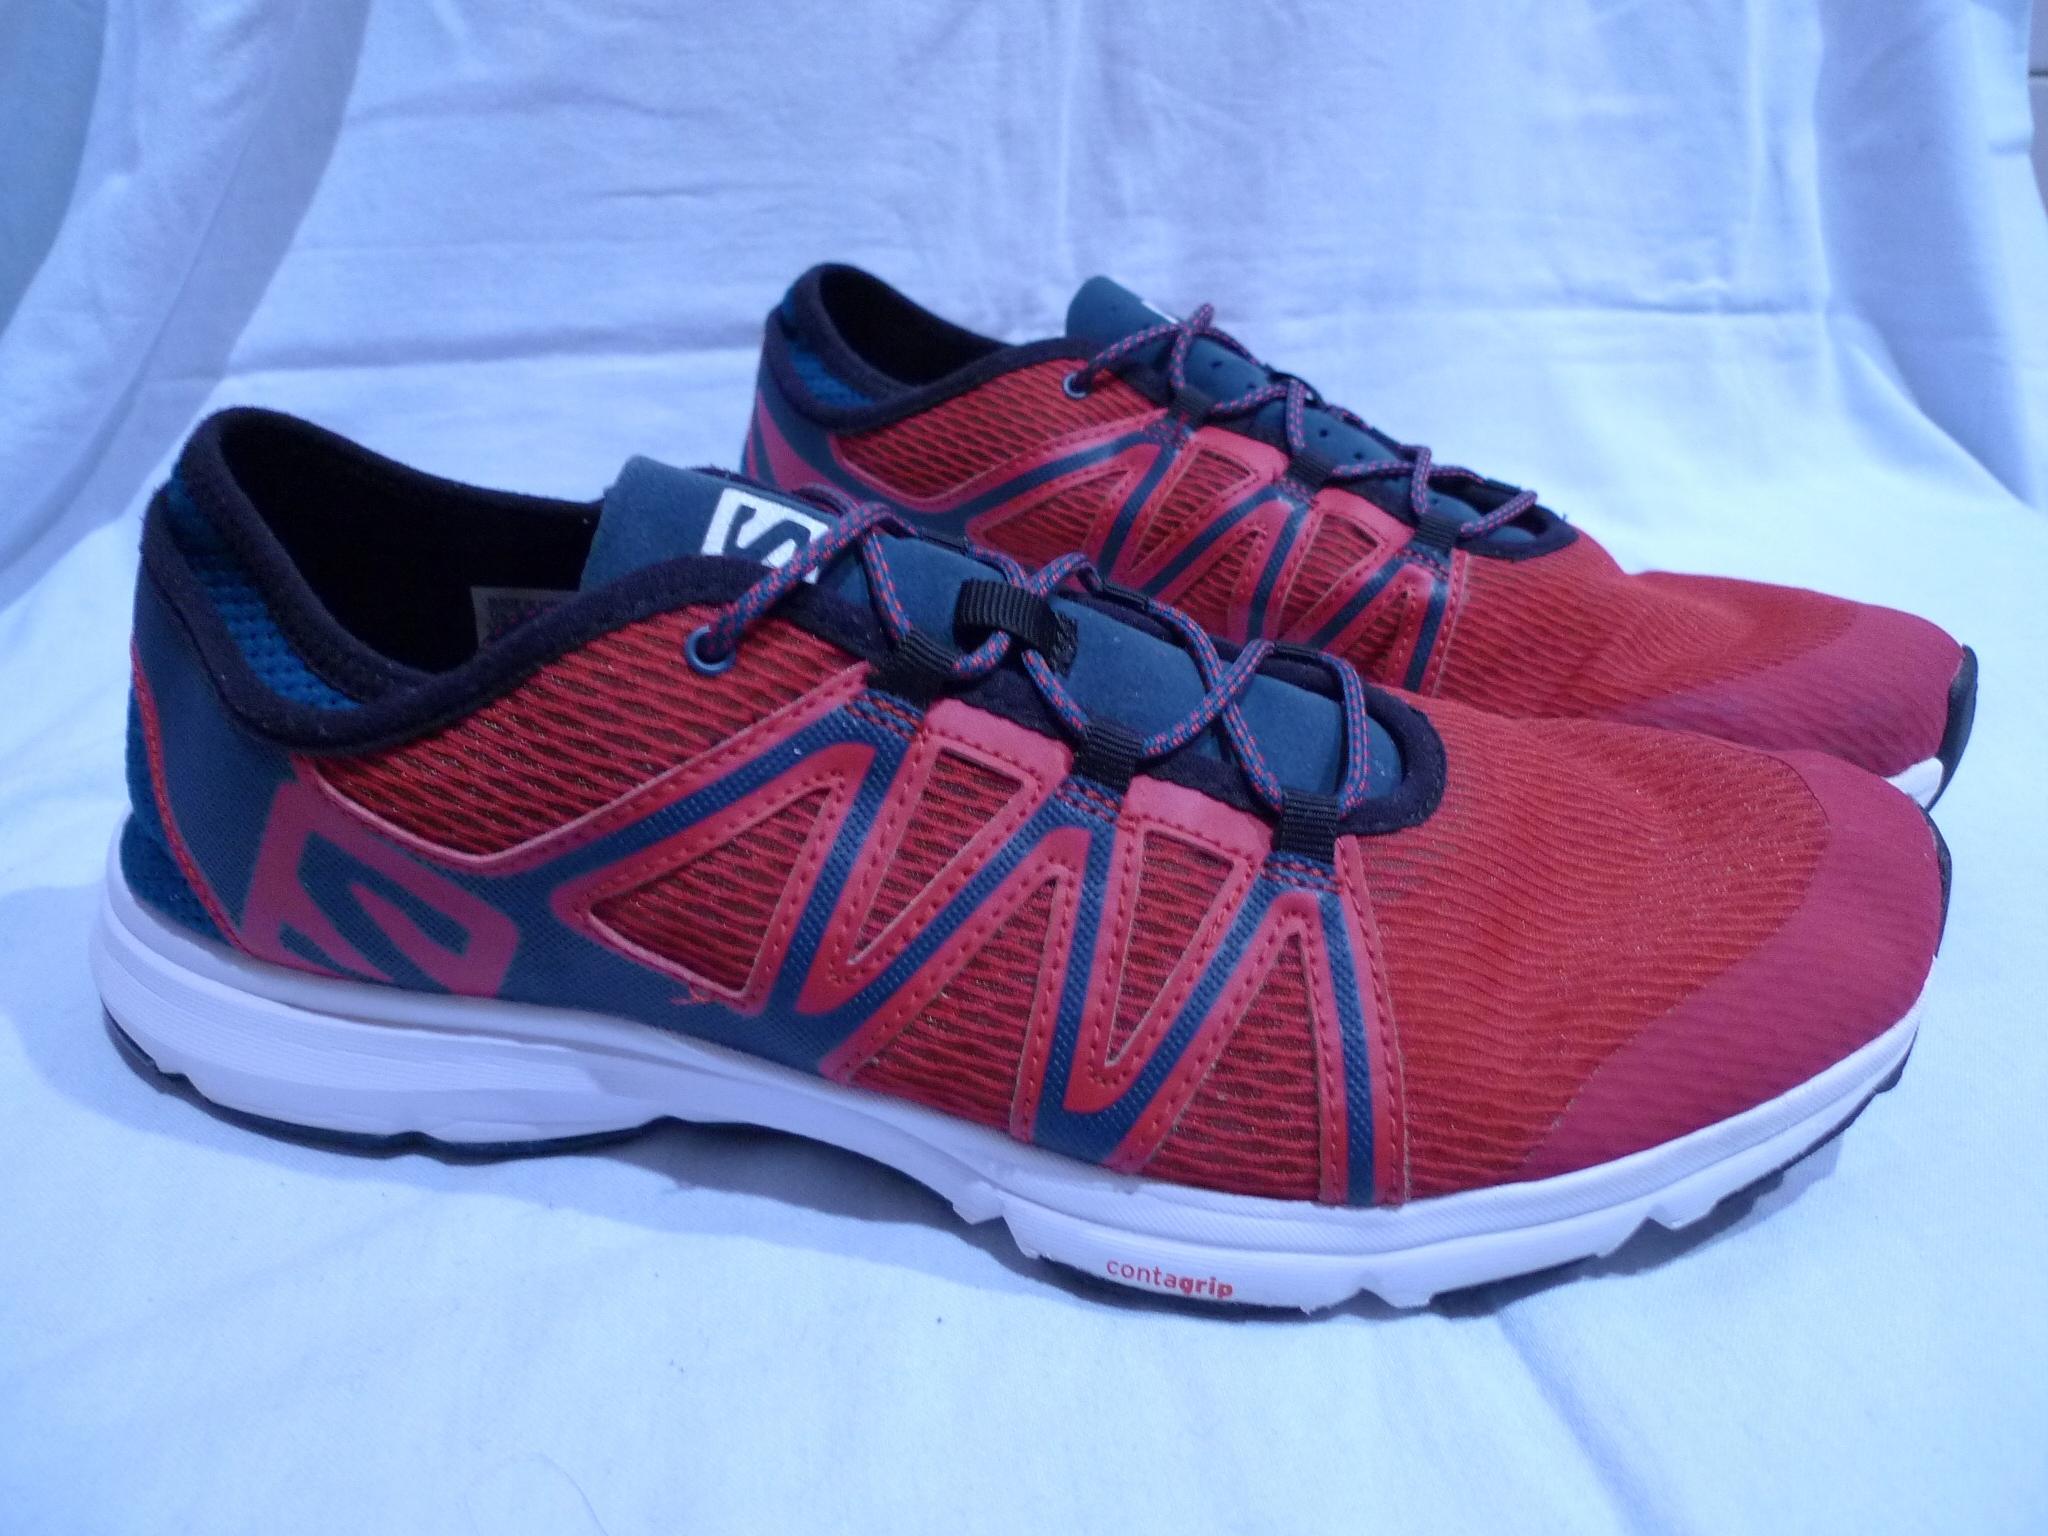 Buty sportowe SALOMON ,roz. 46 23,wkł.30cm